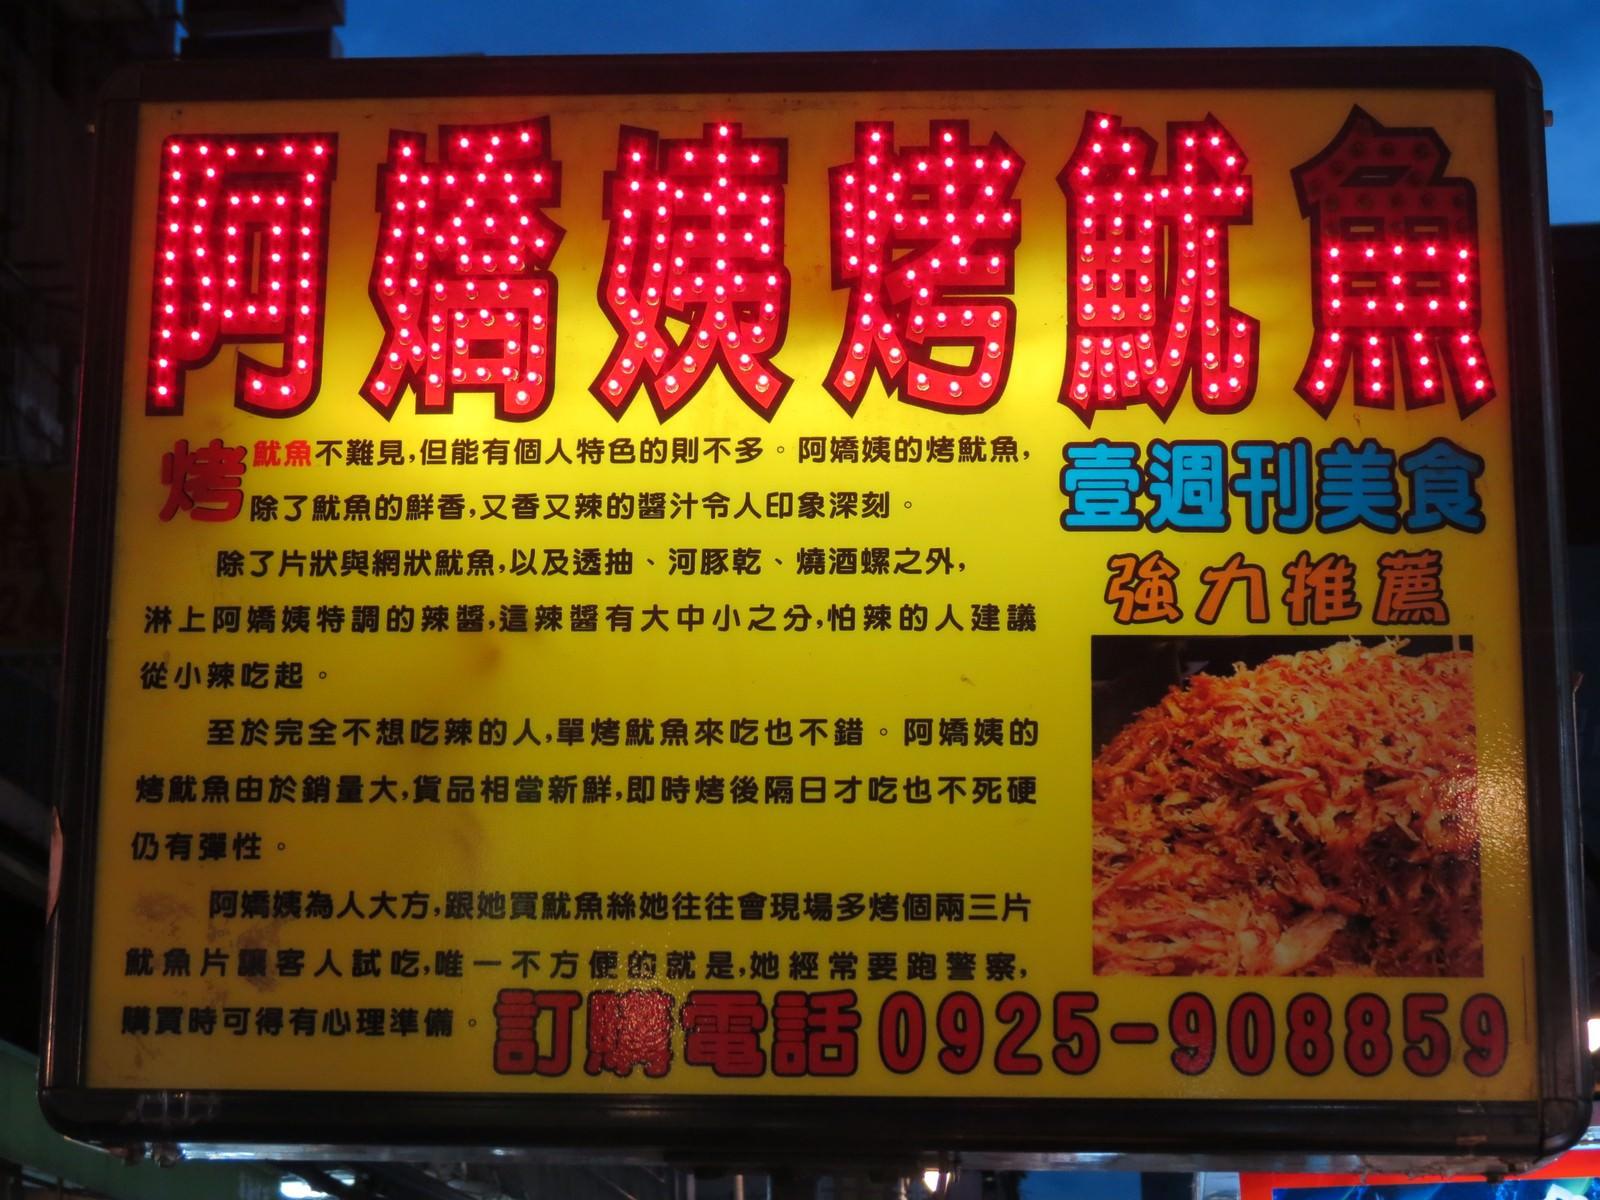 萬華阿嬌姨烤魷魚@廣州街夜市, 店面(招牌)